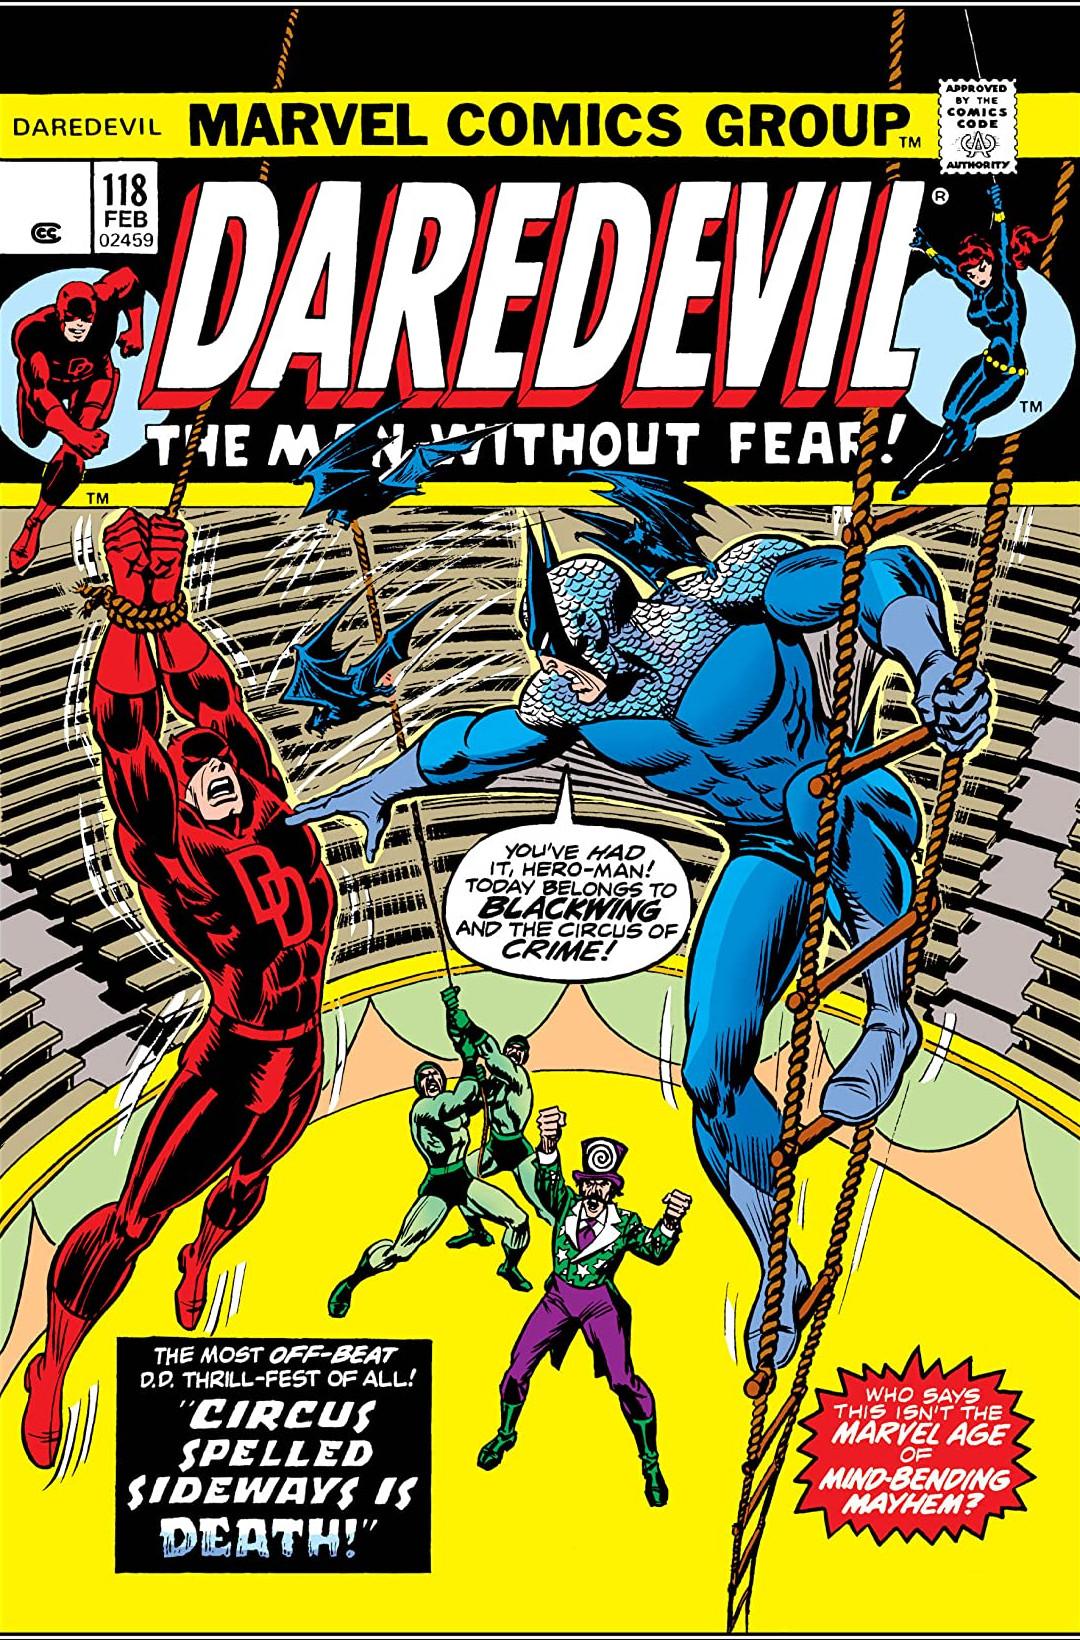 Daredevil Vol 1 118